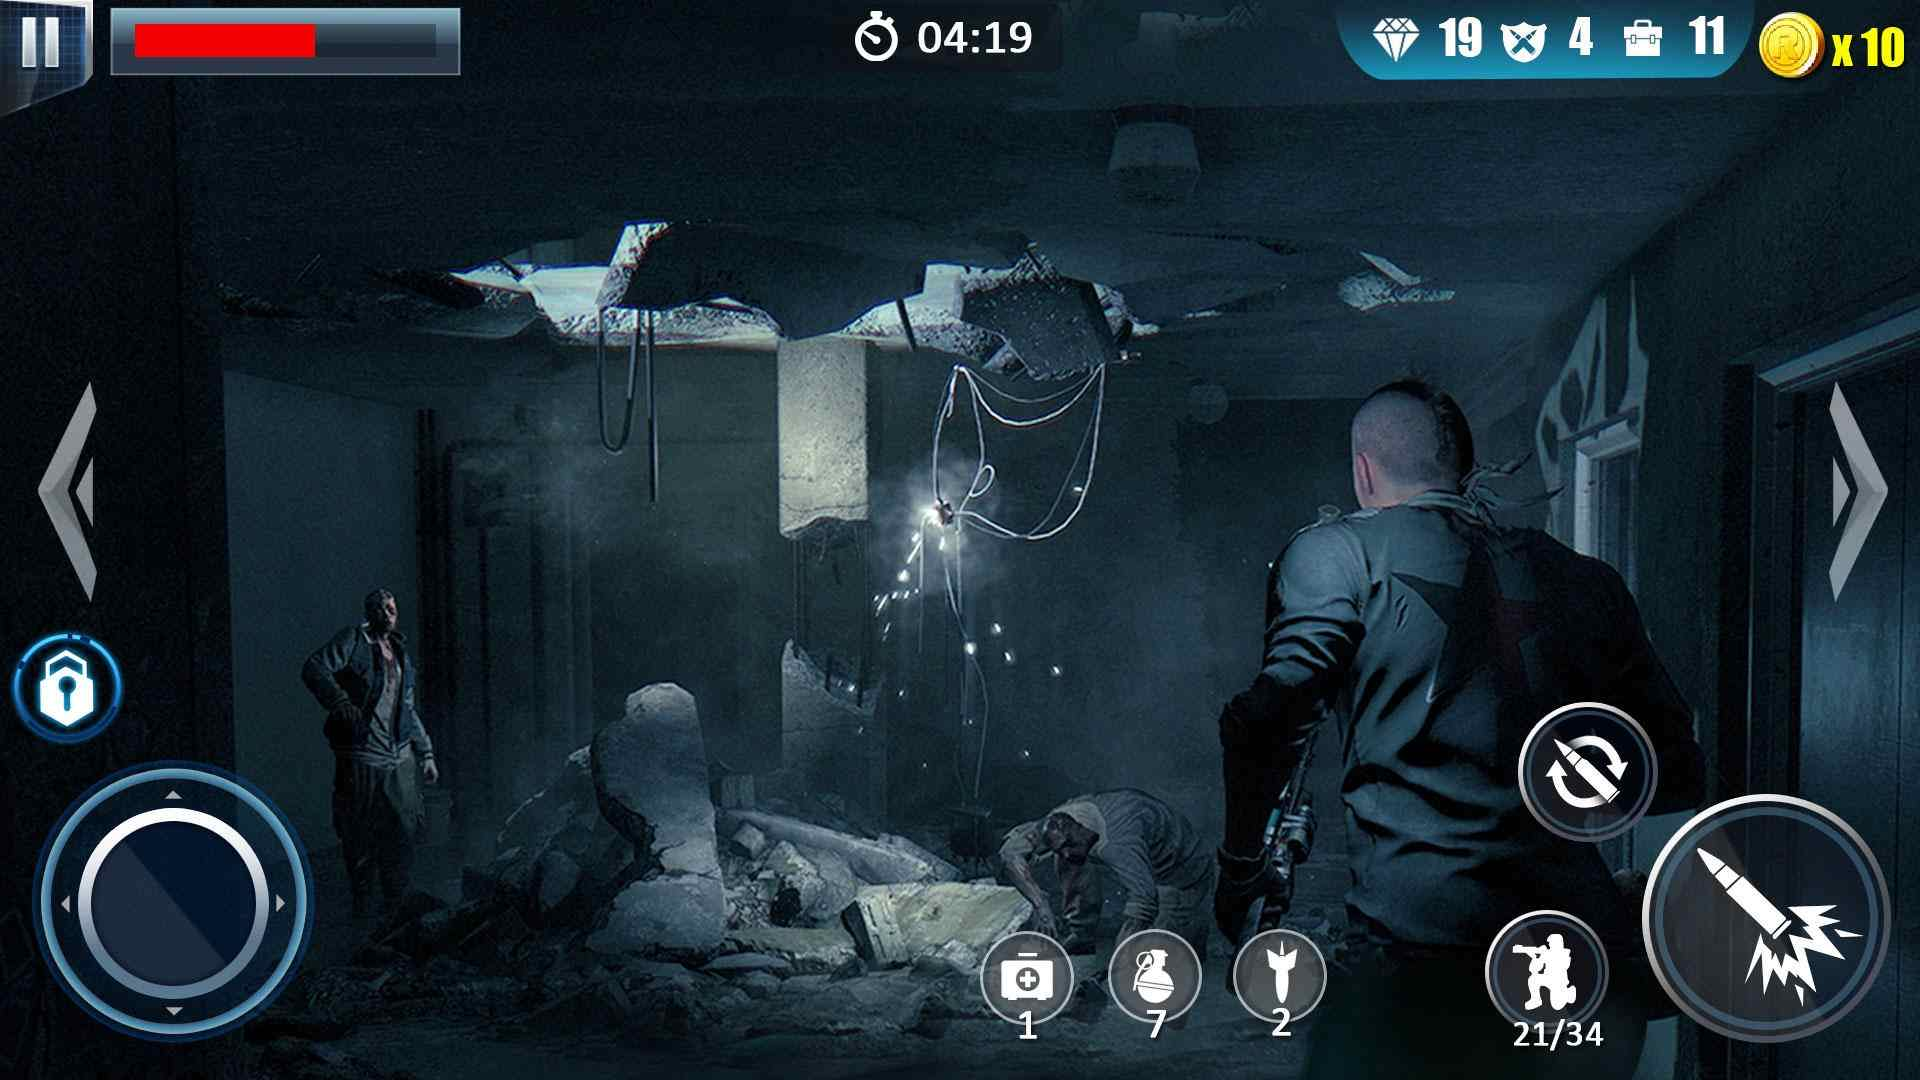 دانلود Battlelands Survival 1.1.1 – بازی بقا در برابر زامبی برای اندروید